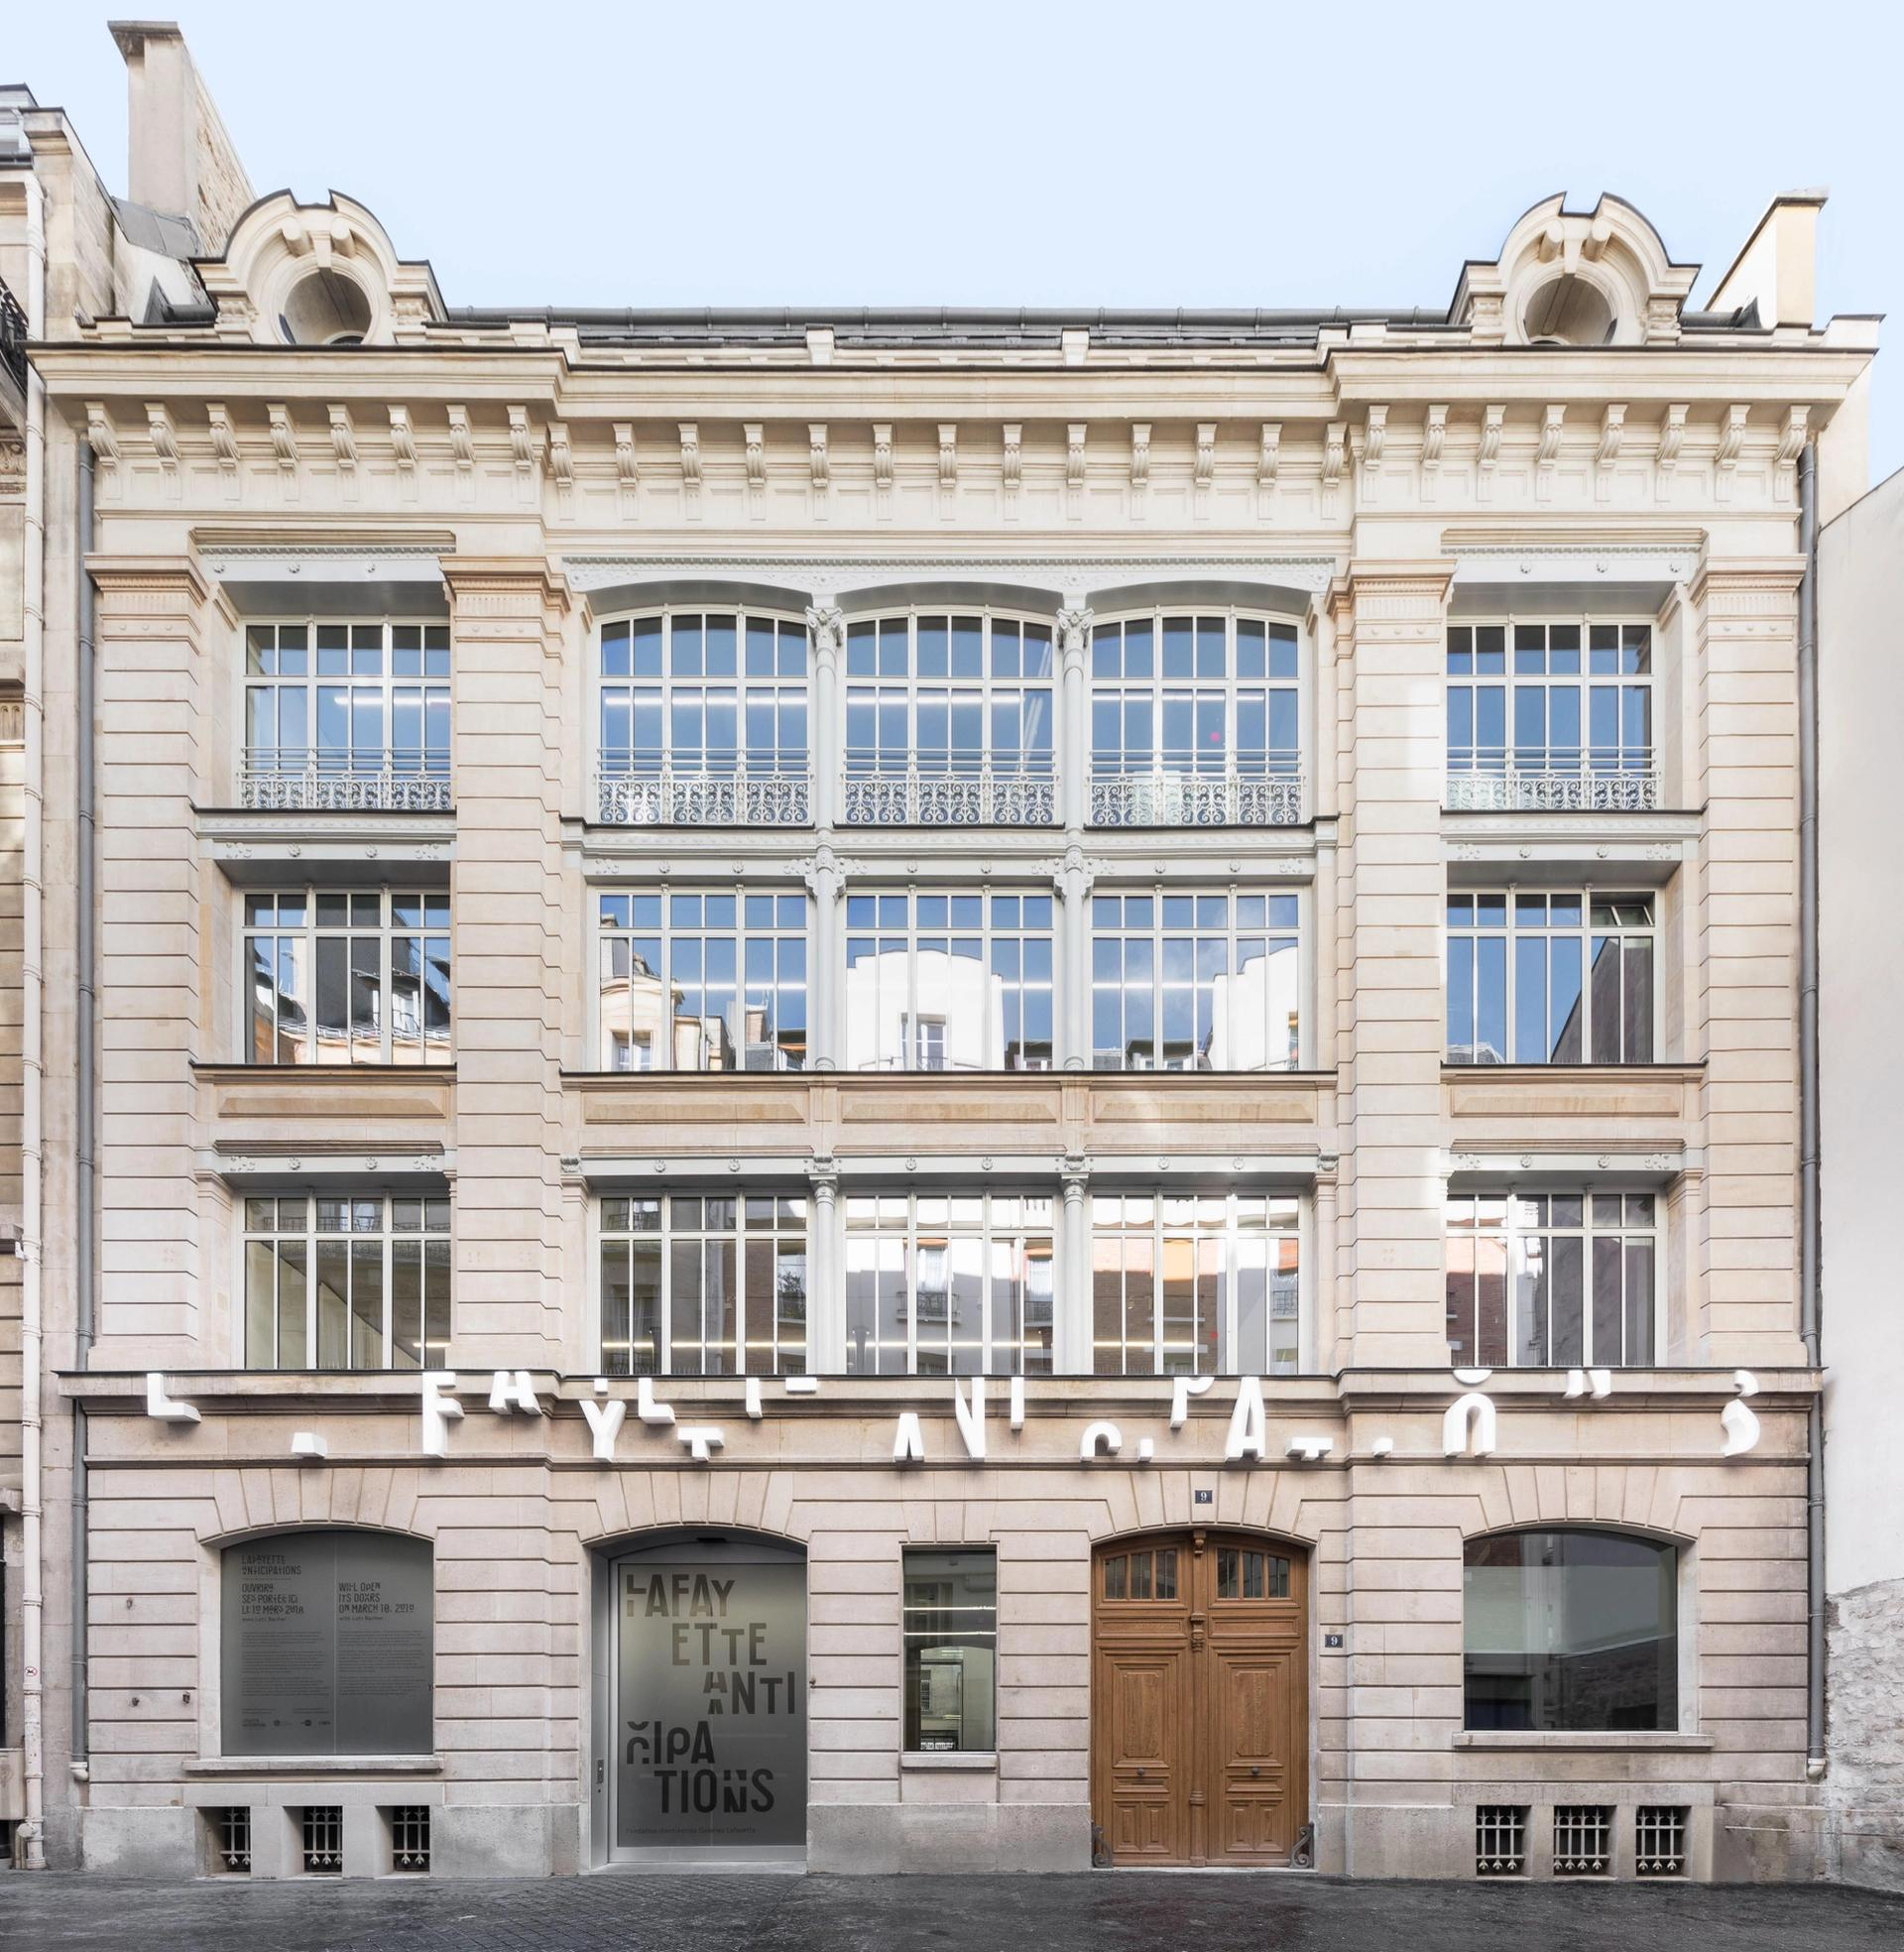 The façade of Lafayette Anticipations at  9 rue du Plâtre Delfino Sisto Legnani and Marco Cappelletti